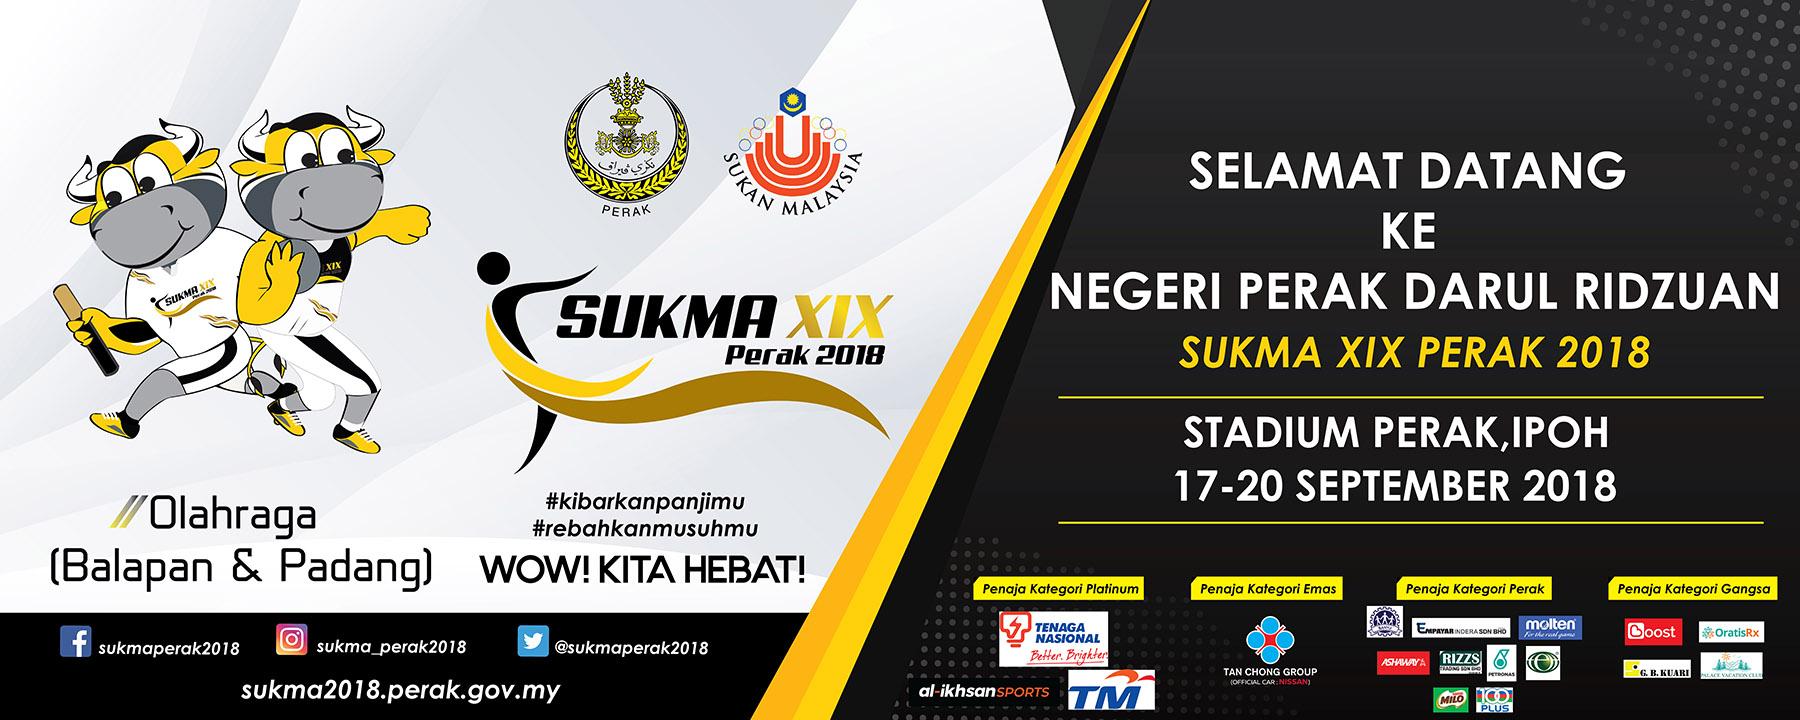 PenyuSukandotcom - Sukan Malaysia SUKMA Perak 2018 - Olahraga Balapan dan Padang Terengganu Hanelang